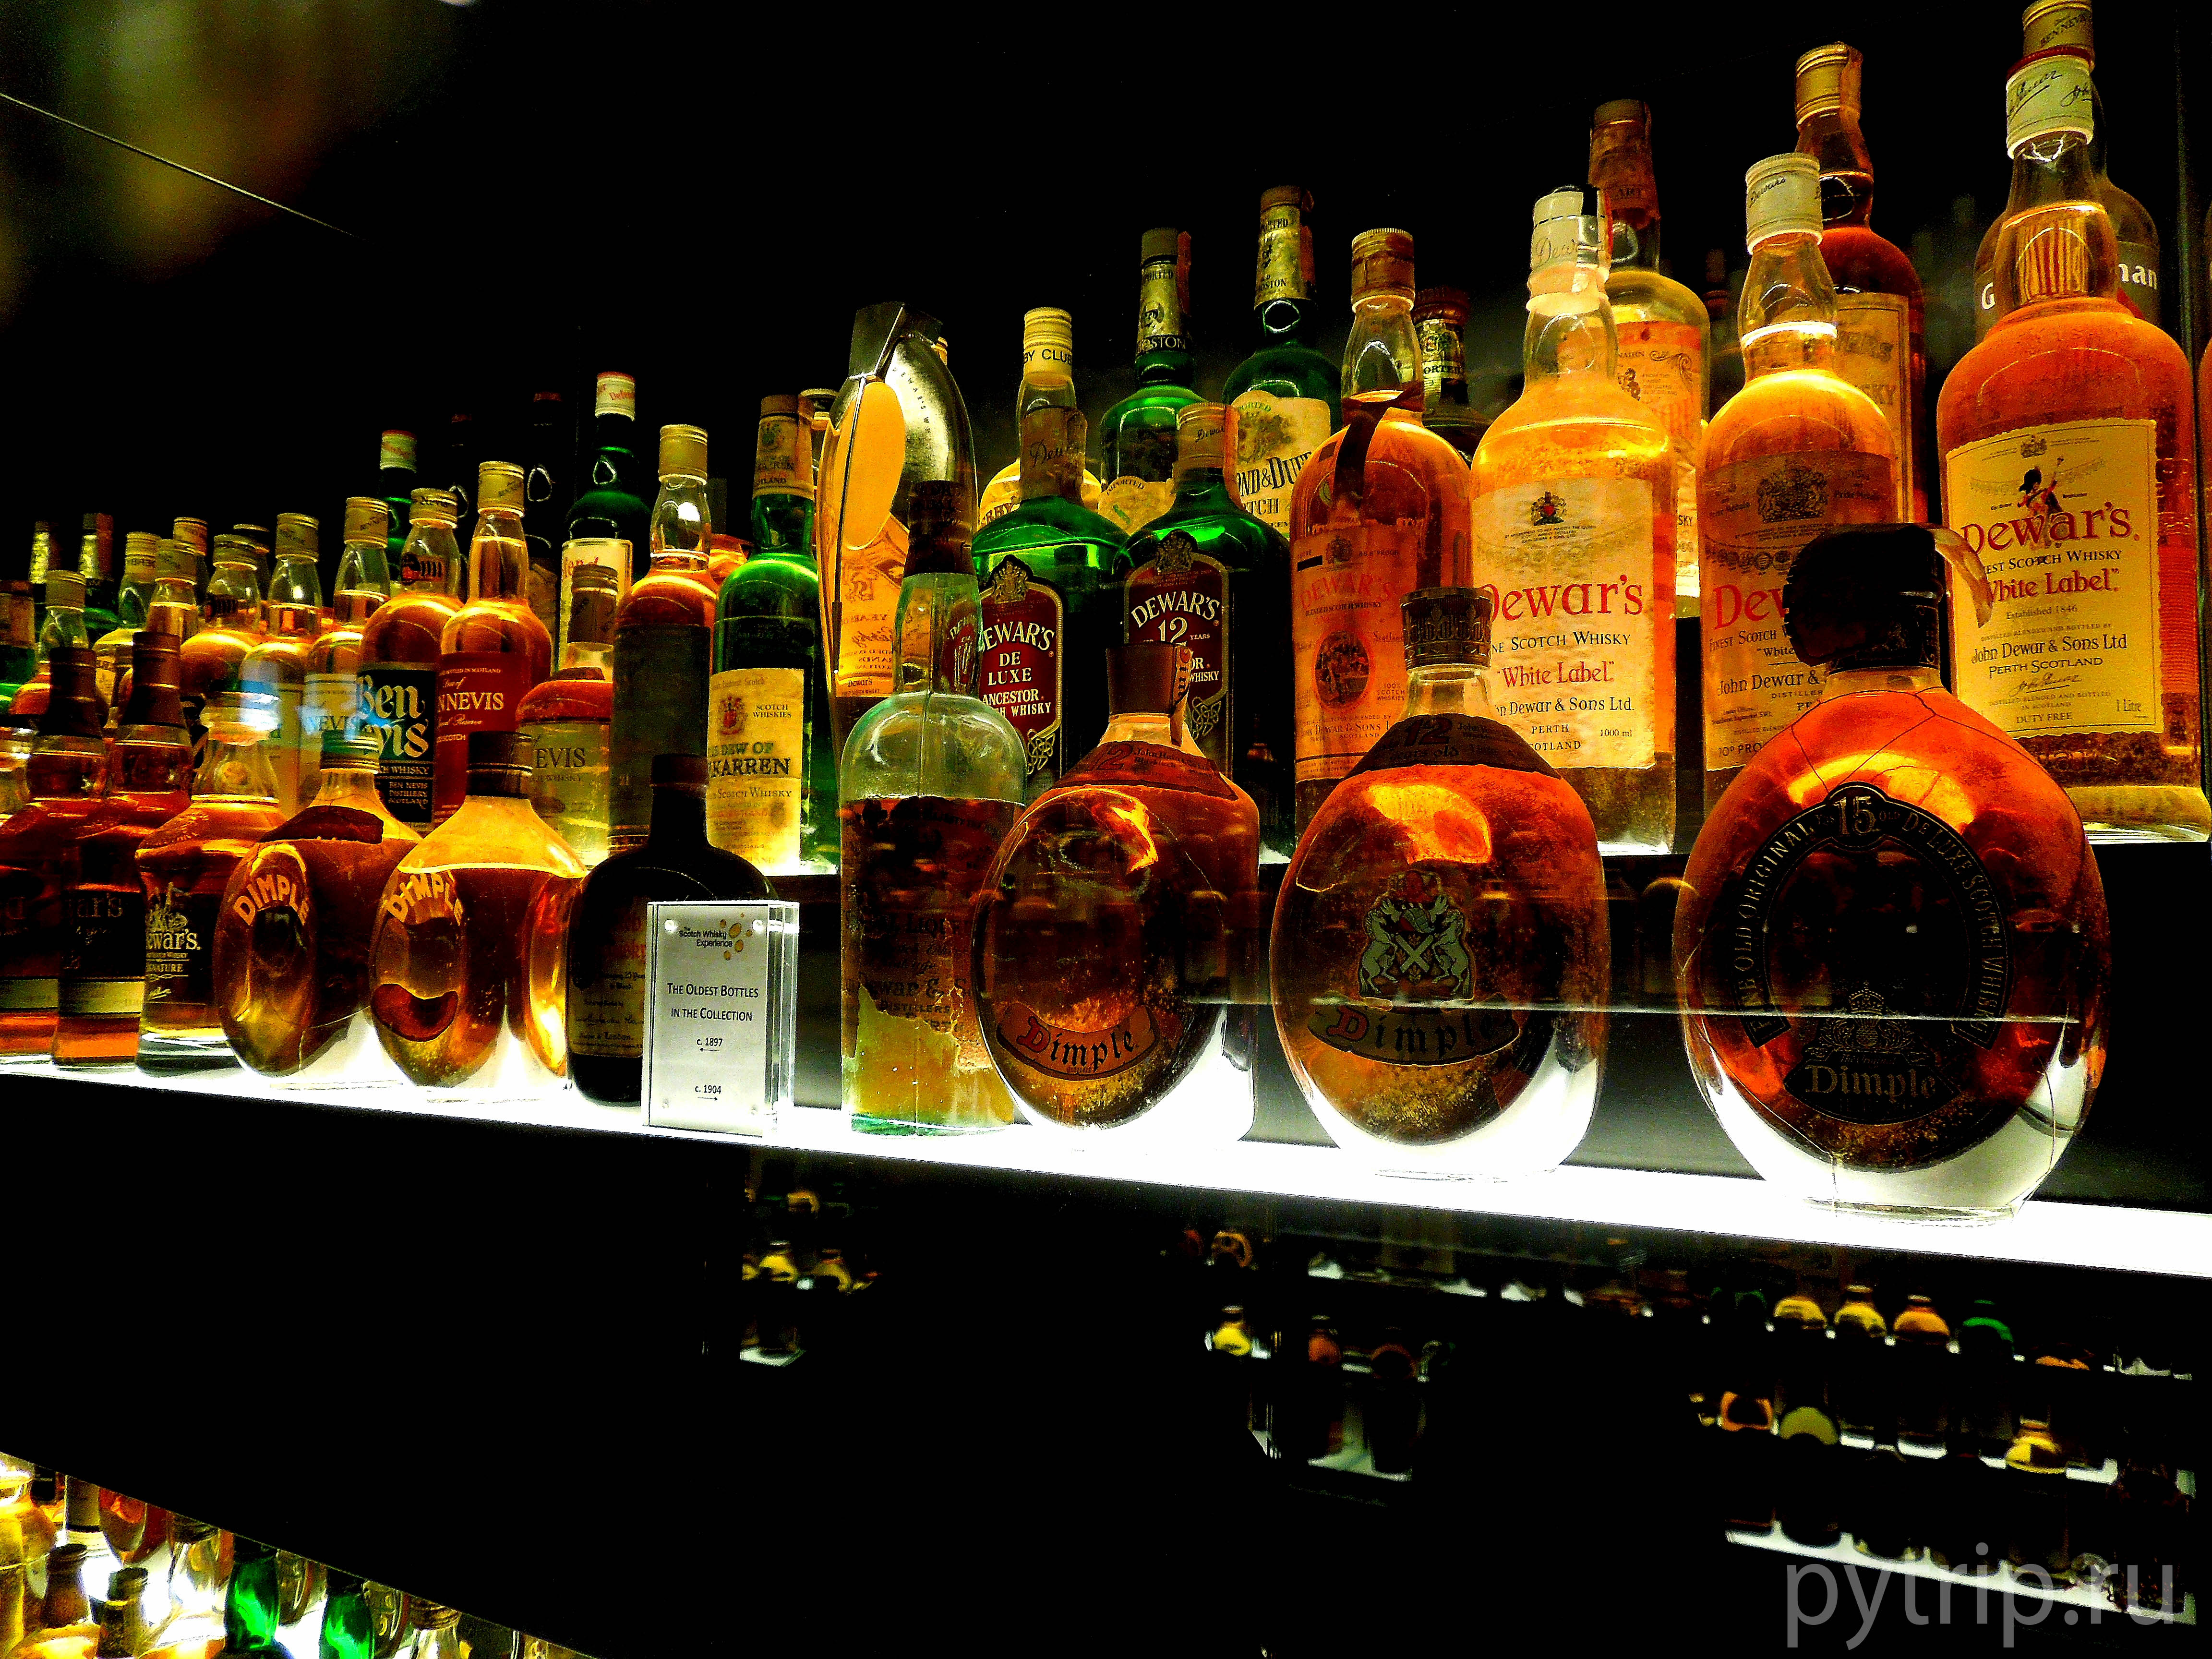 Здесь огромное разнообразие виски разных сортов и выдержки.